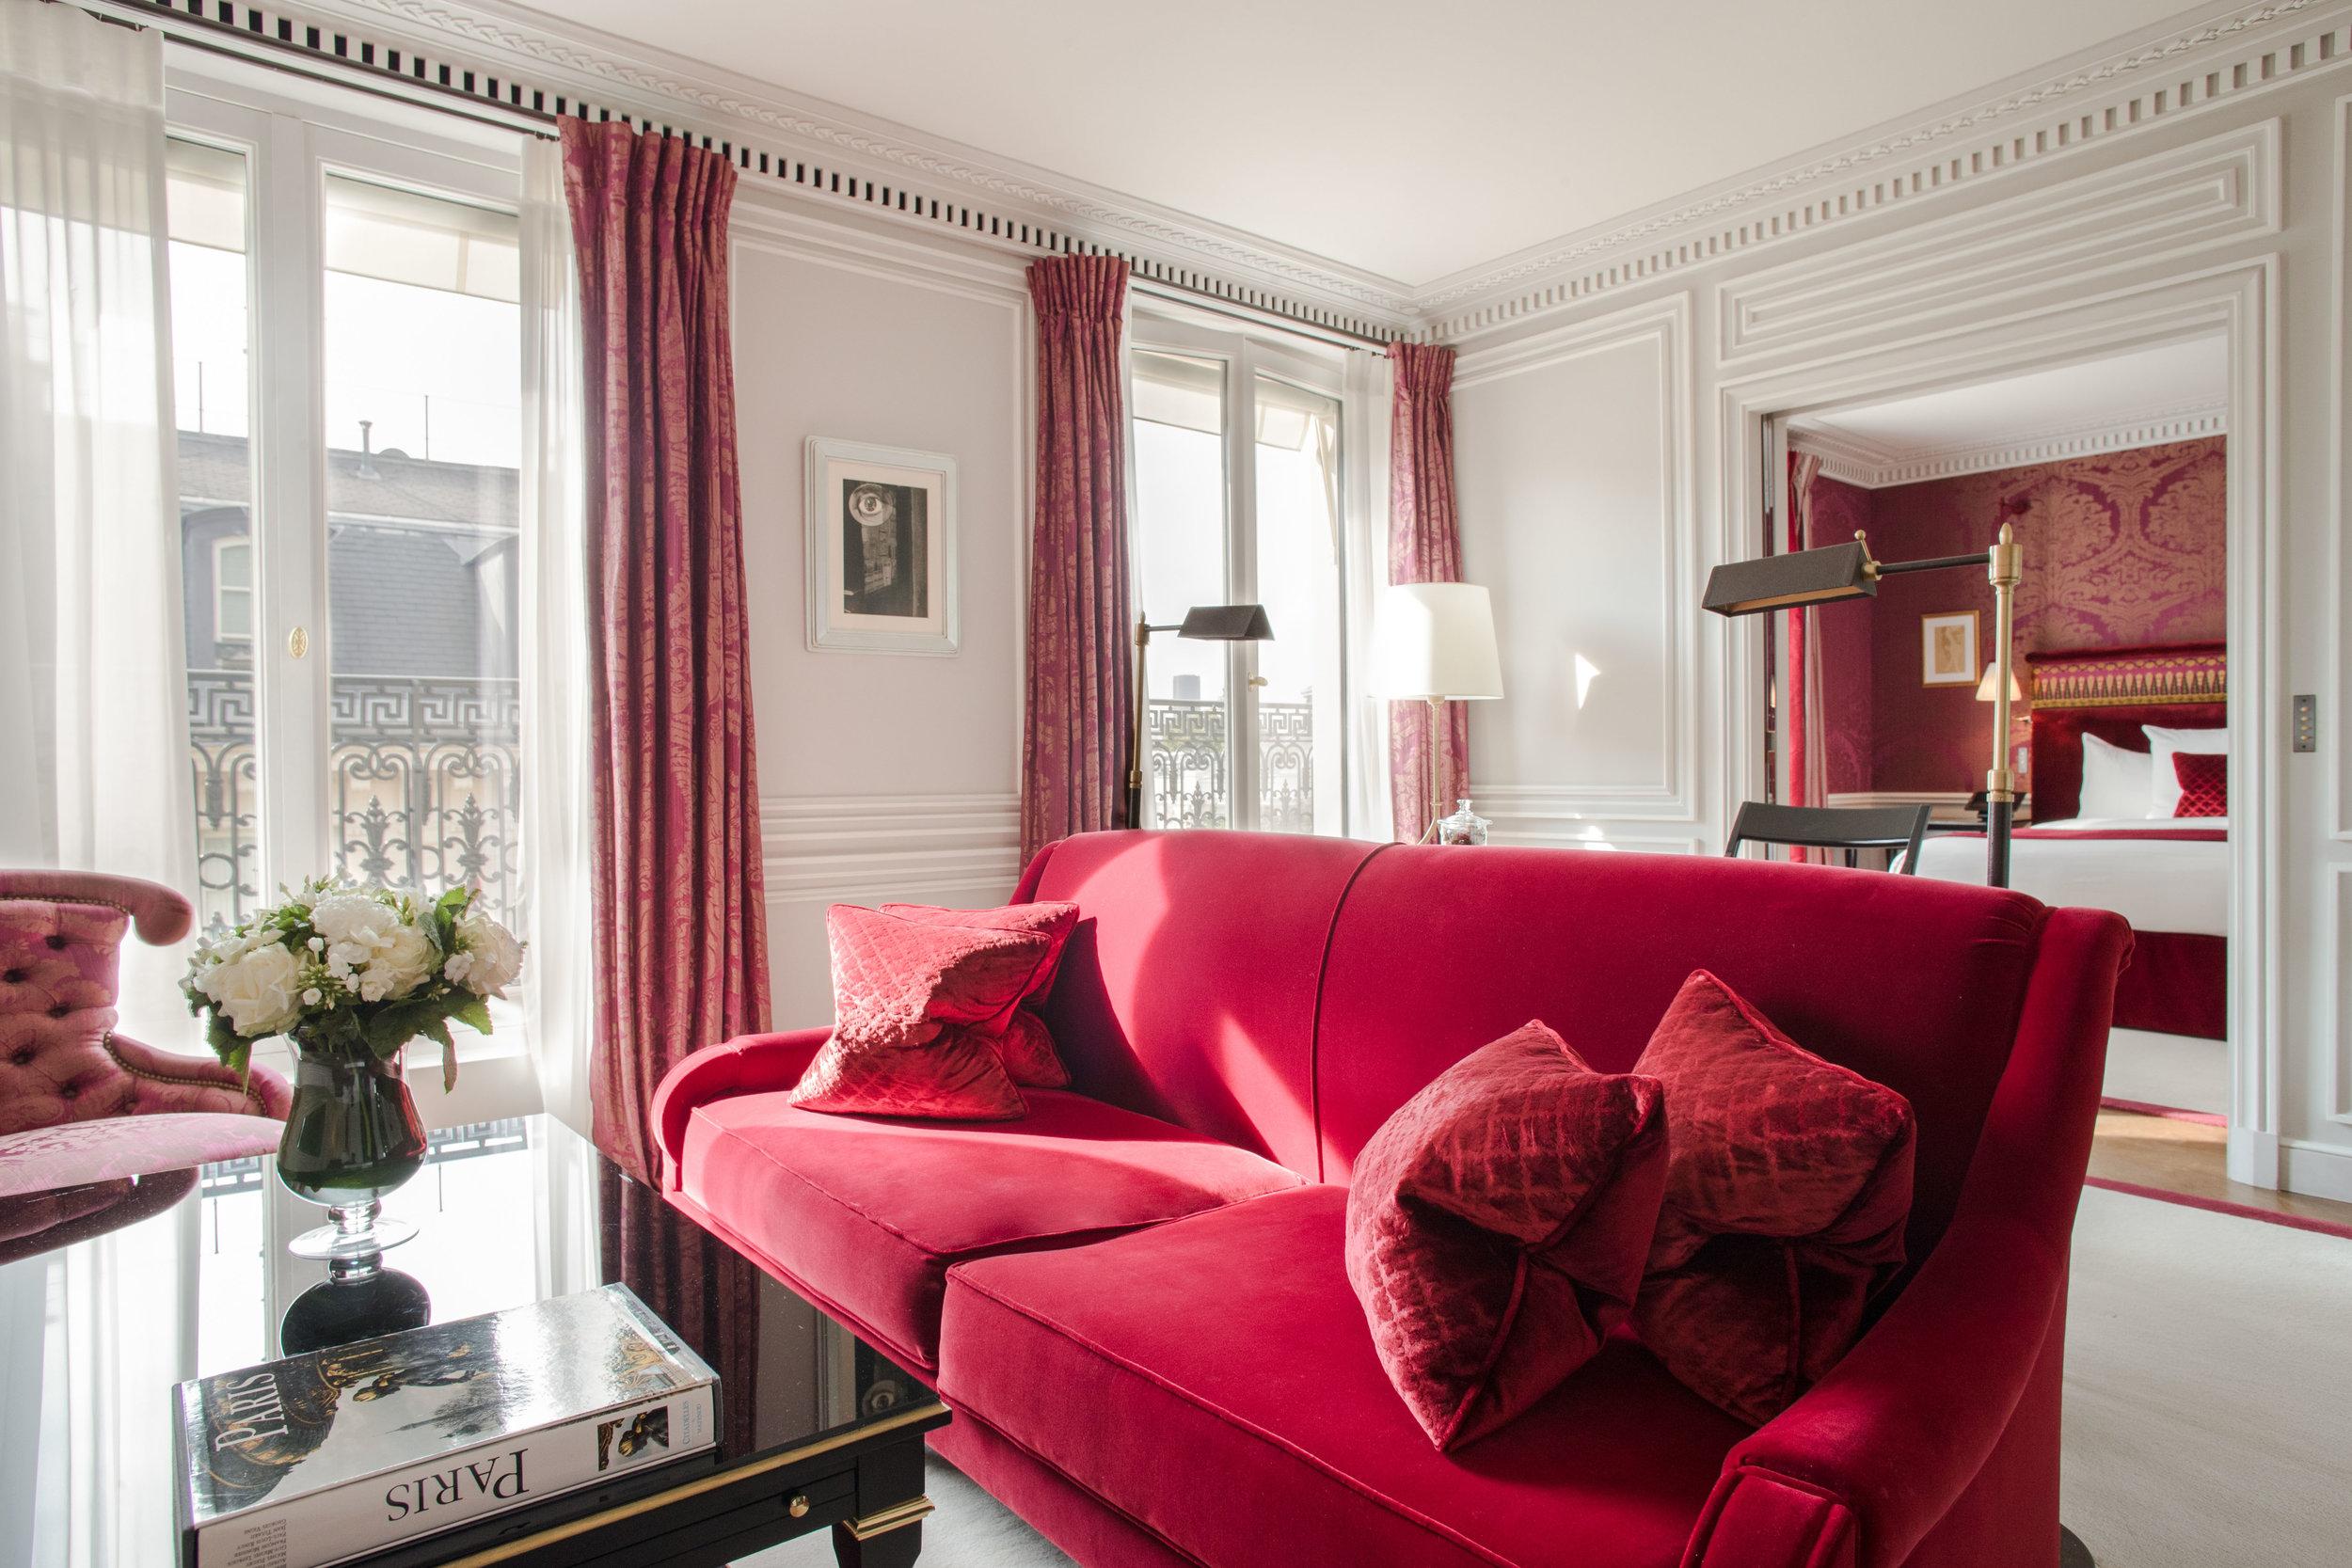 La Réserve Hotel & Spa - Prestige suite - Crédits photo G. Gardette - La Réserve Paris.jpg